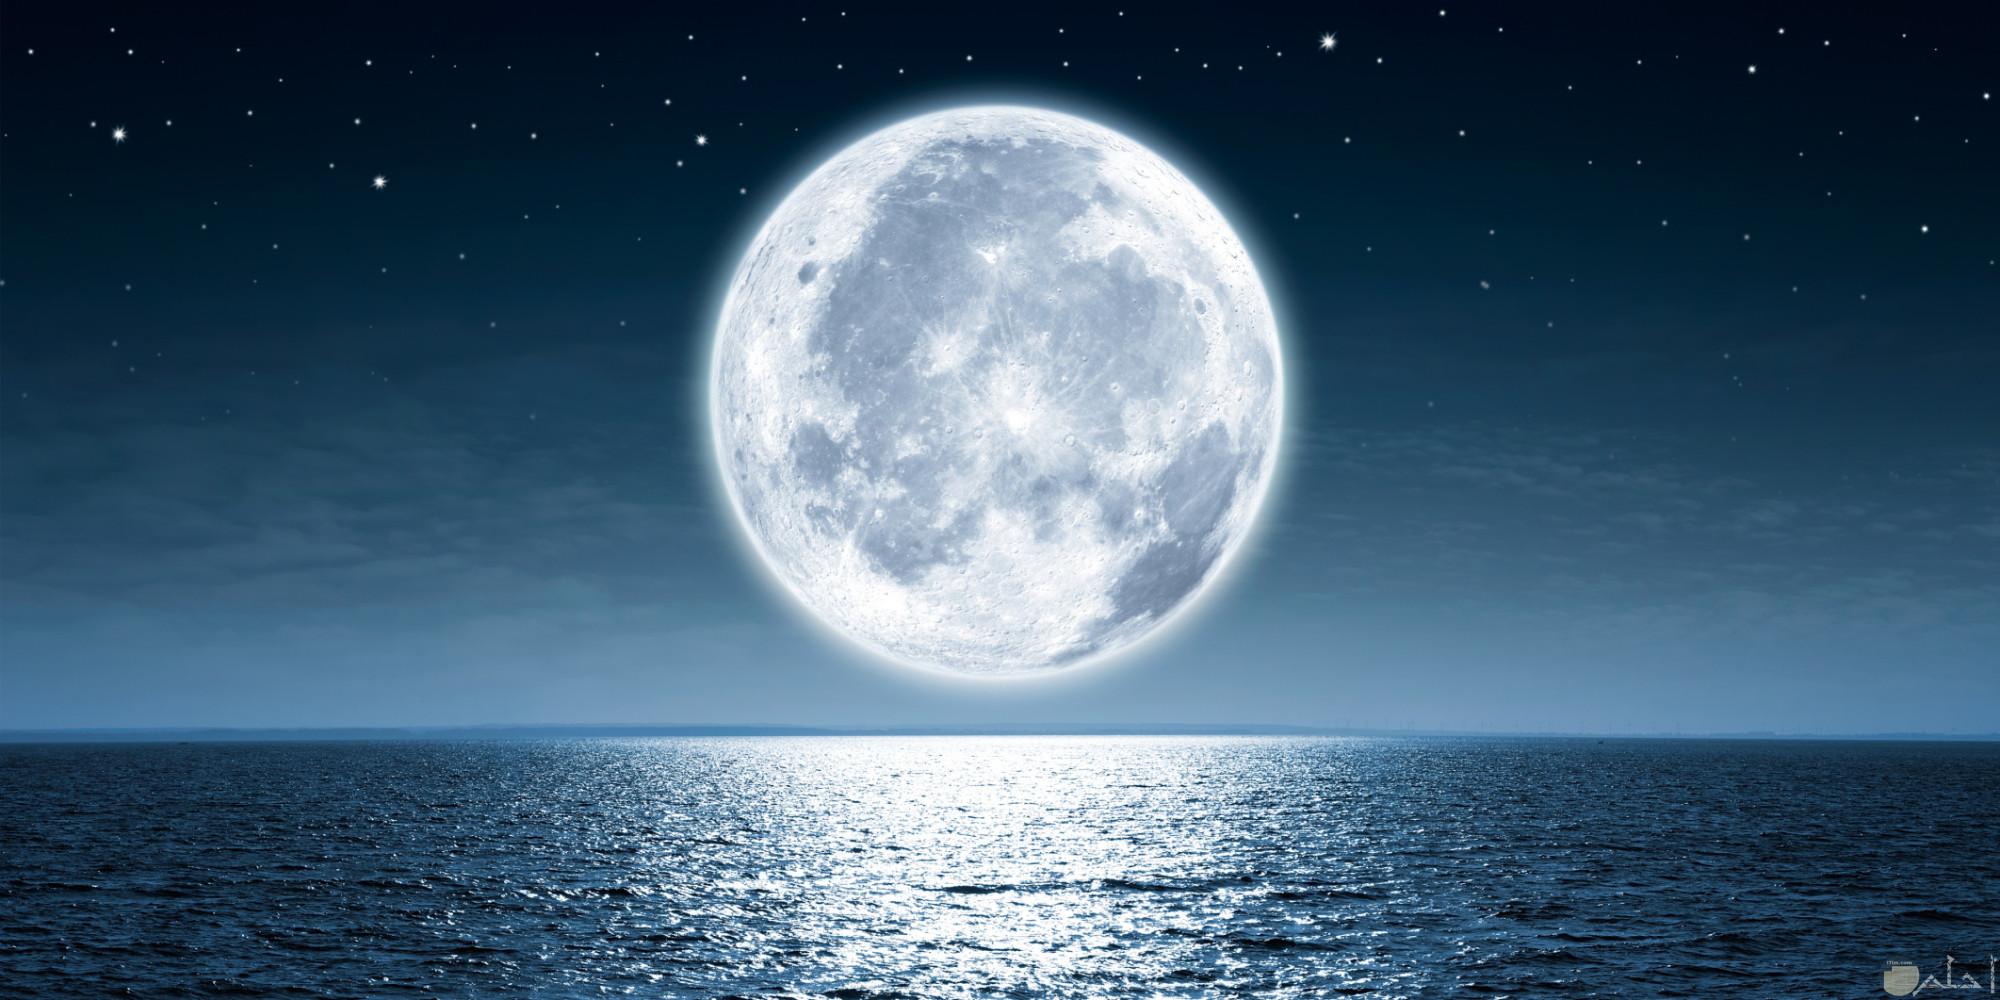 القمر و هو يعلو سطح البحر فى صورة.